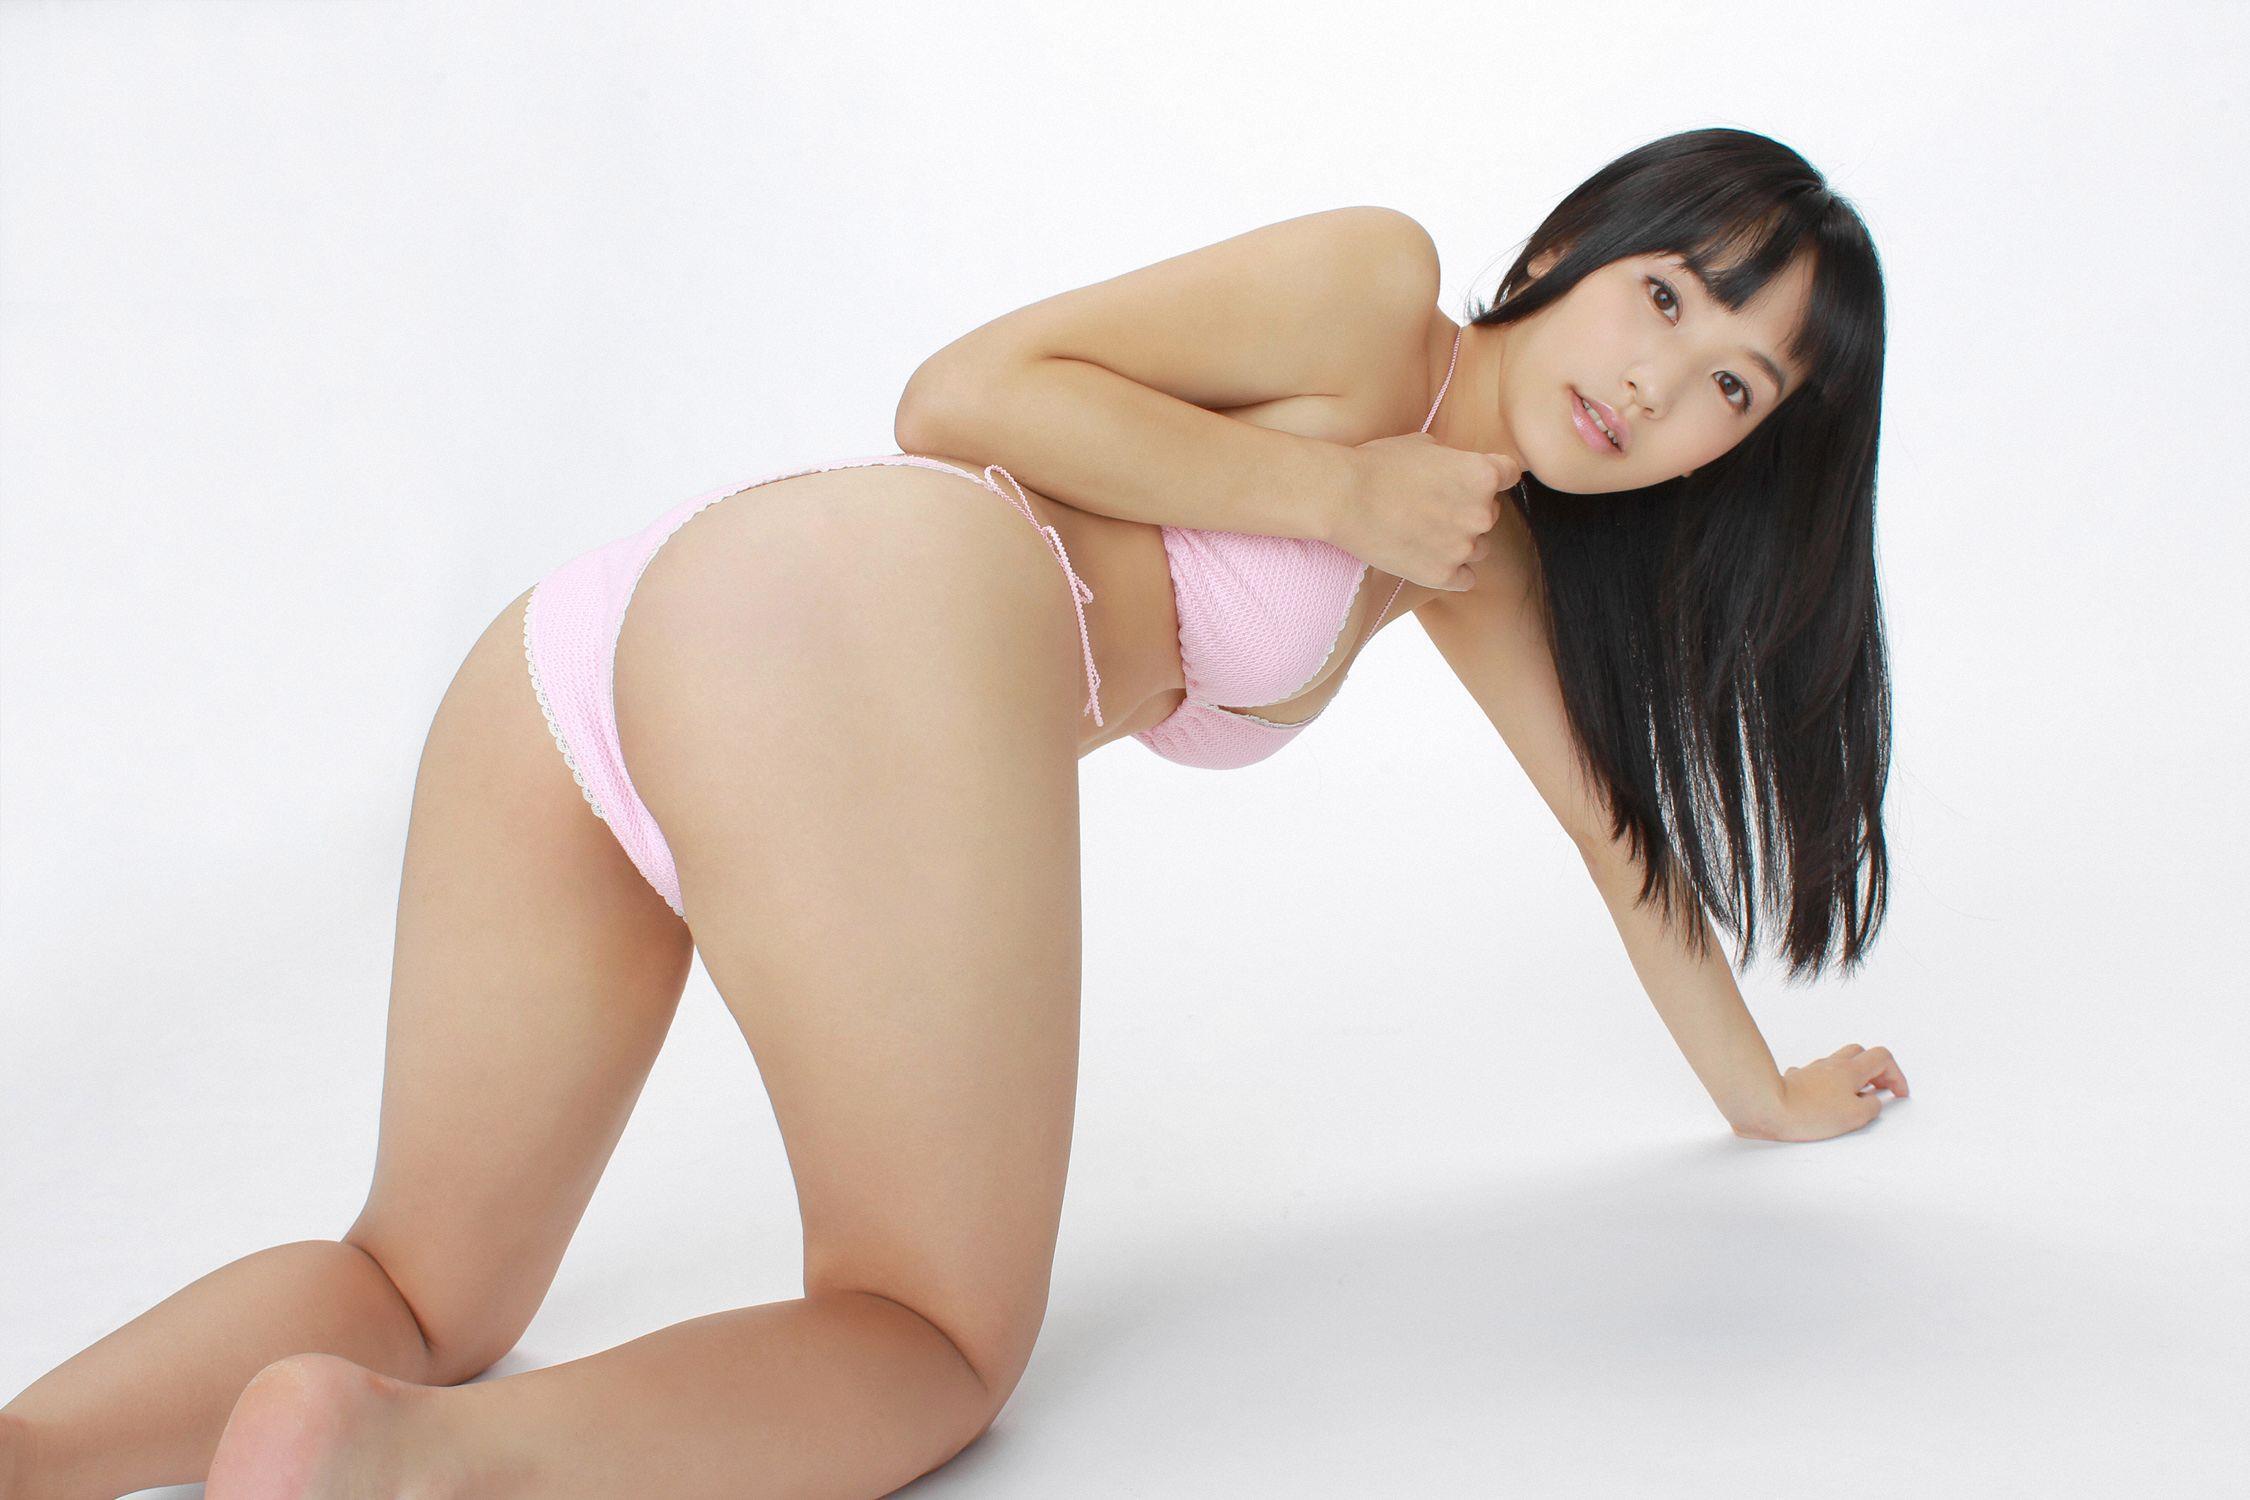 浜田由梨 画像 35